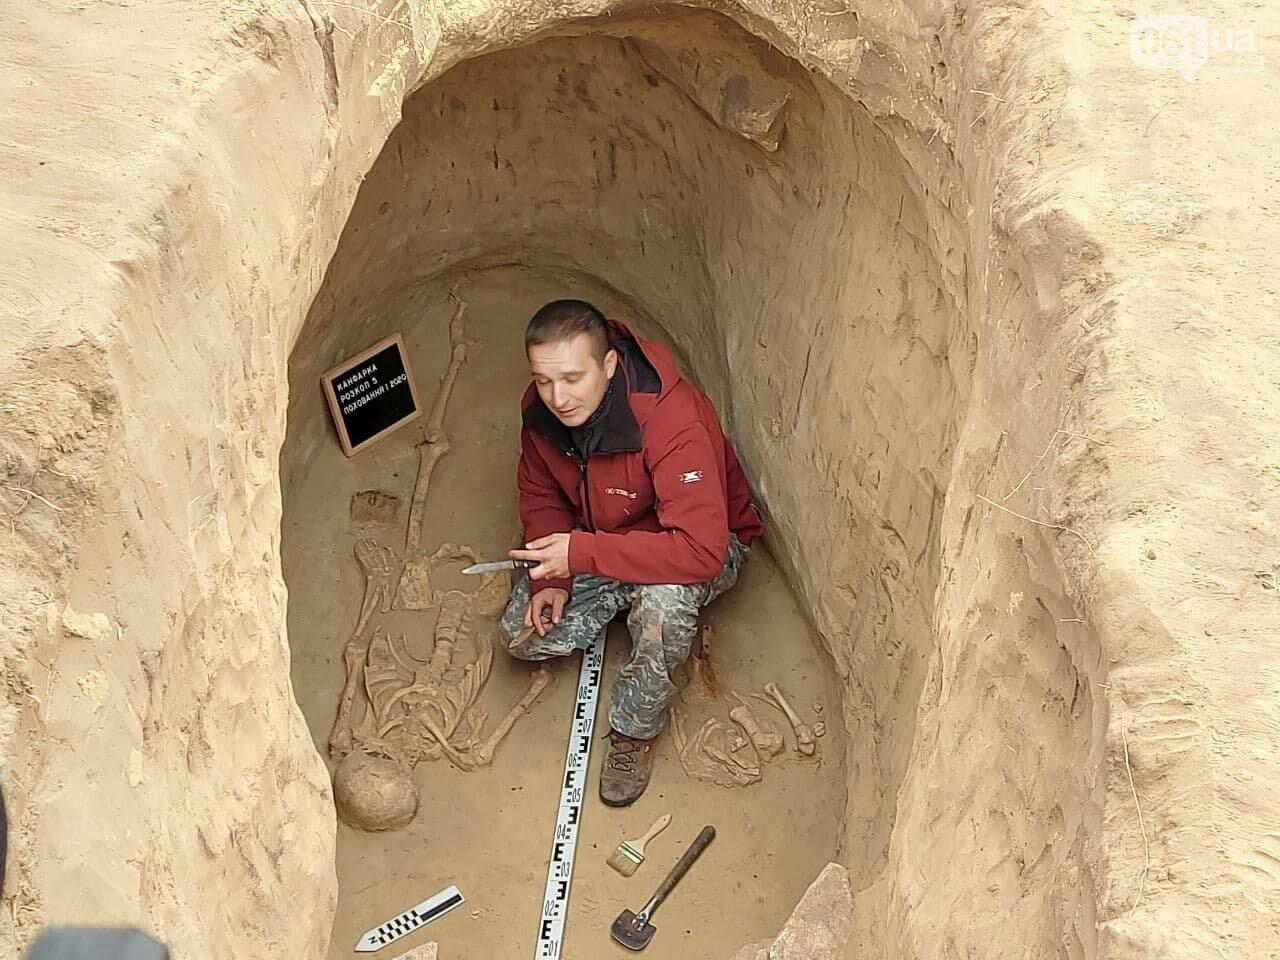 В Запорожье на Хортице нашли захоронение скифского воина, которому 2500 лет, - ФОТОРЕПОРТАЖ, фото-3